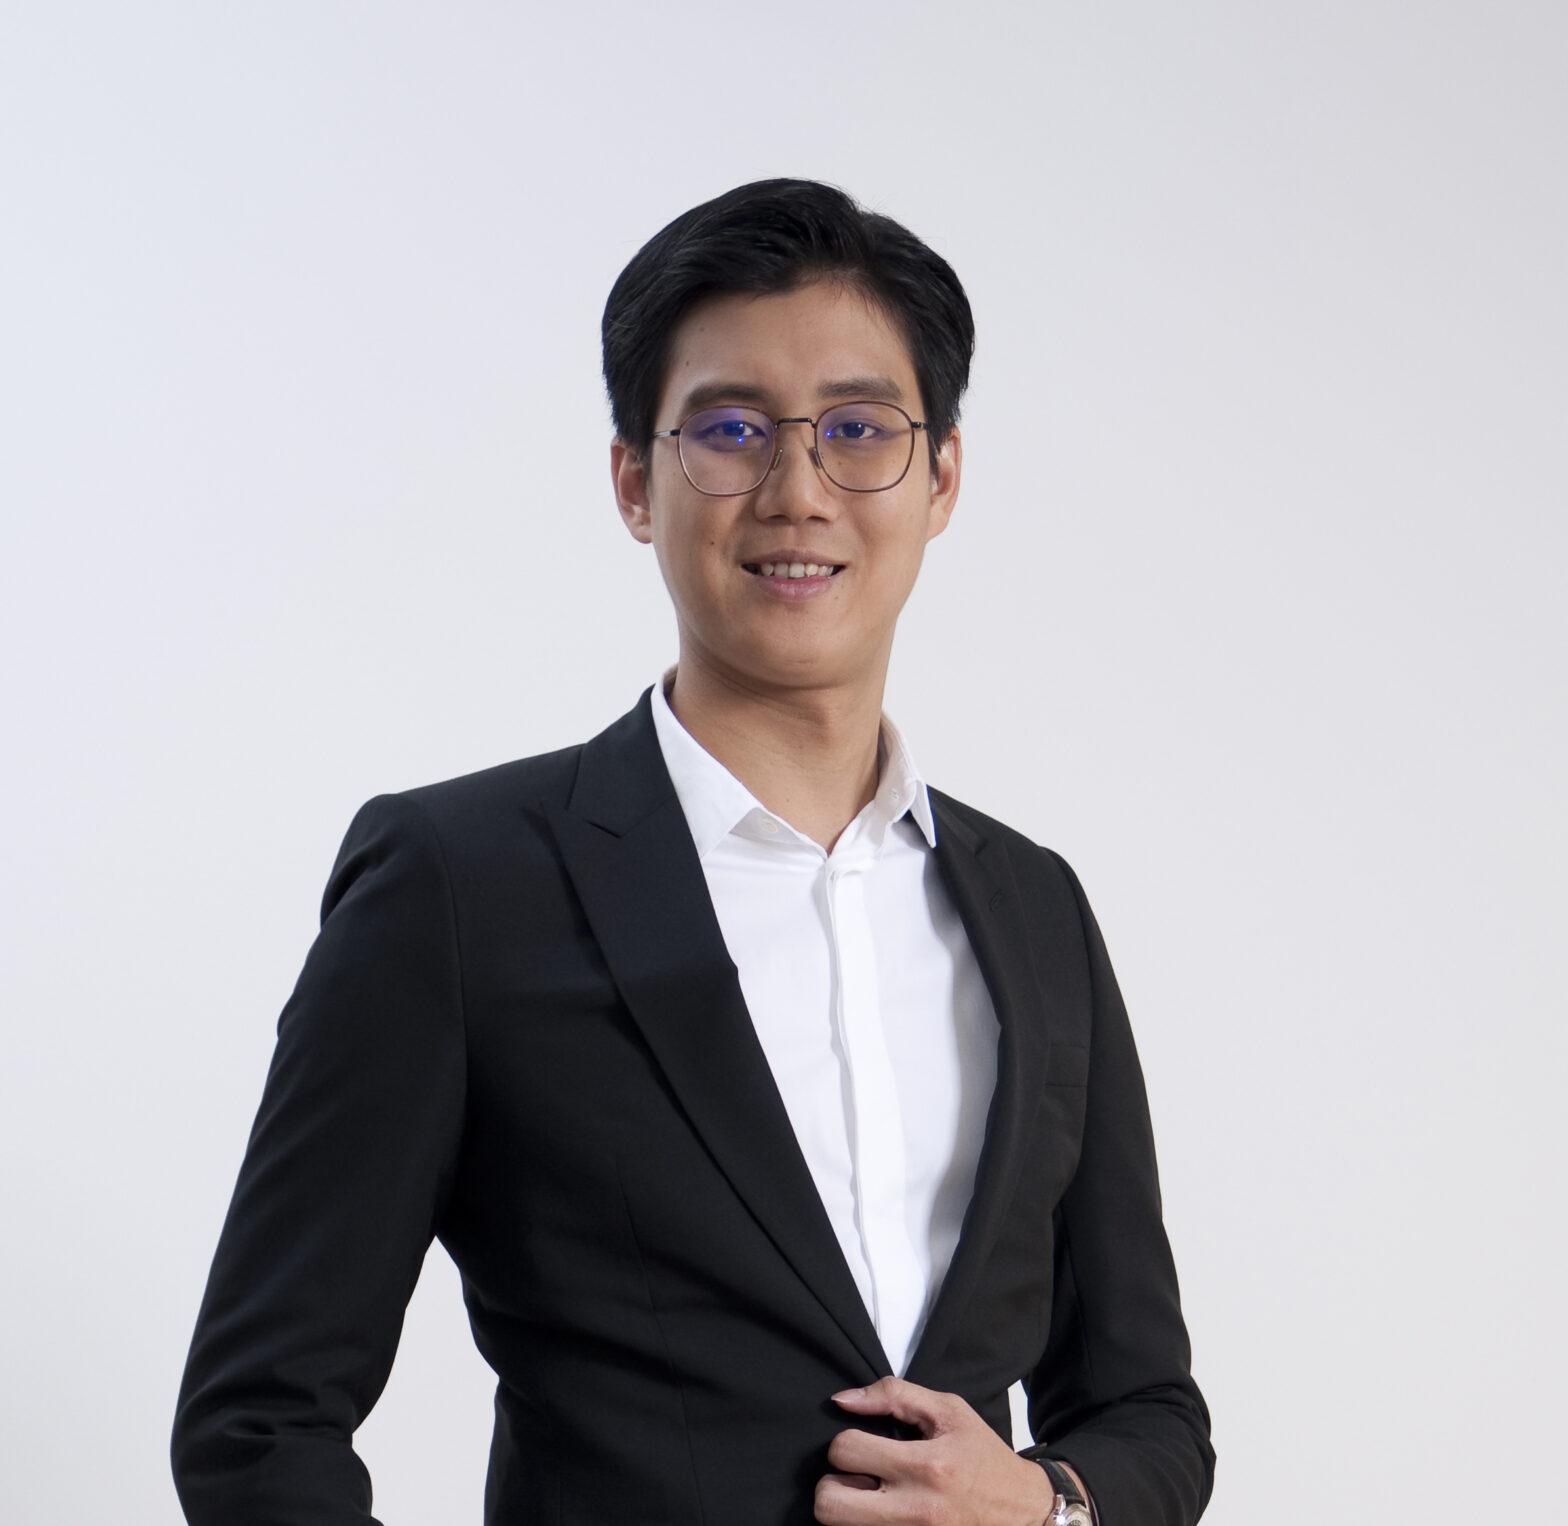 Tan Jenn Shi